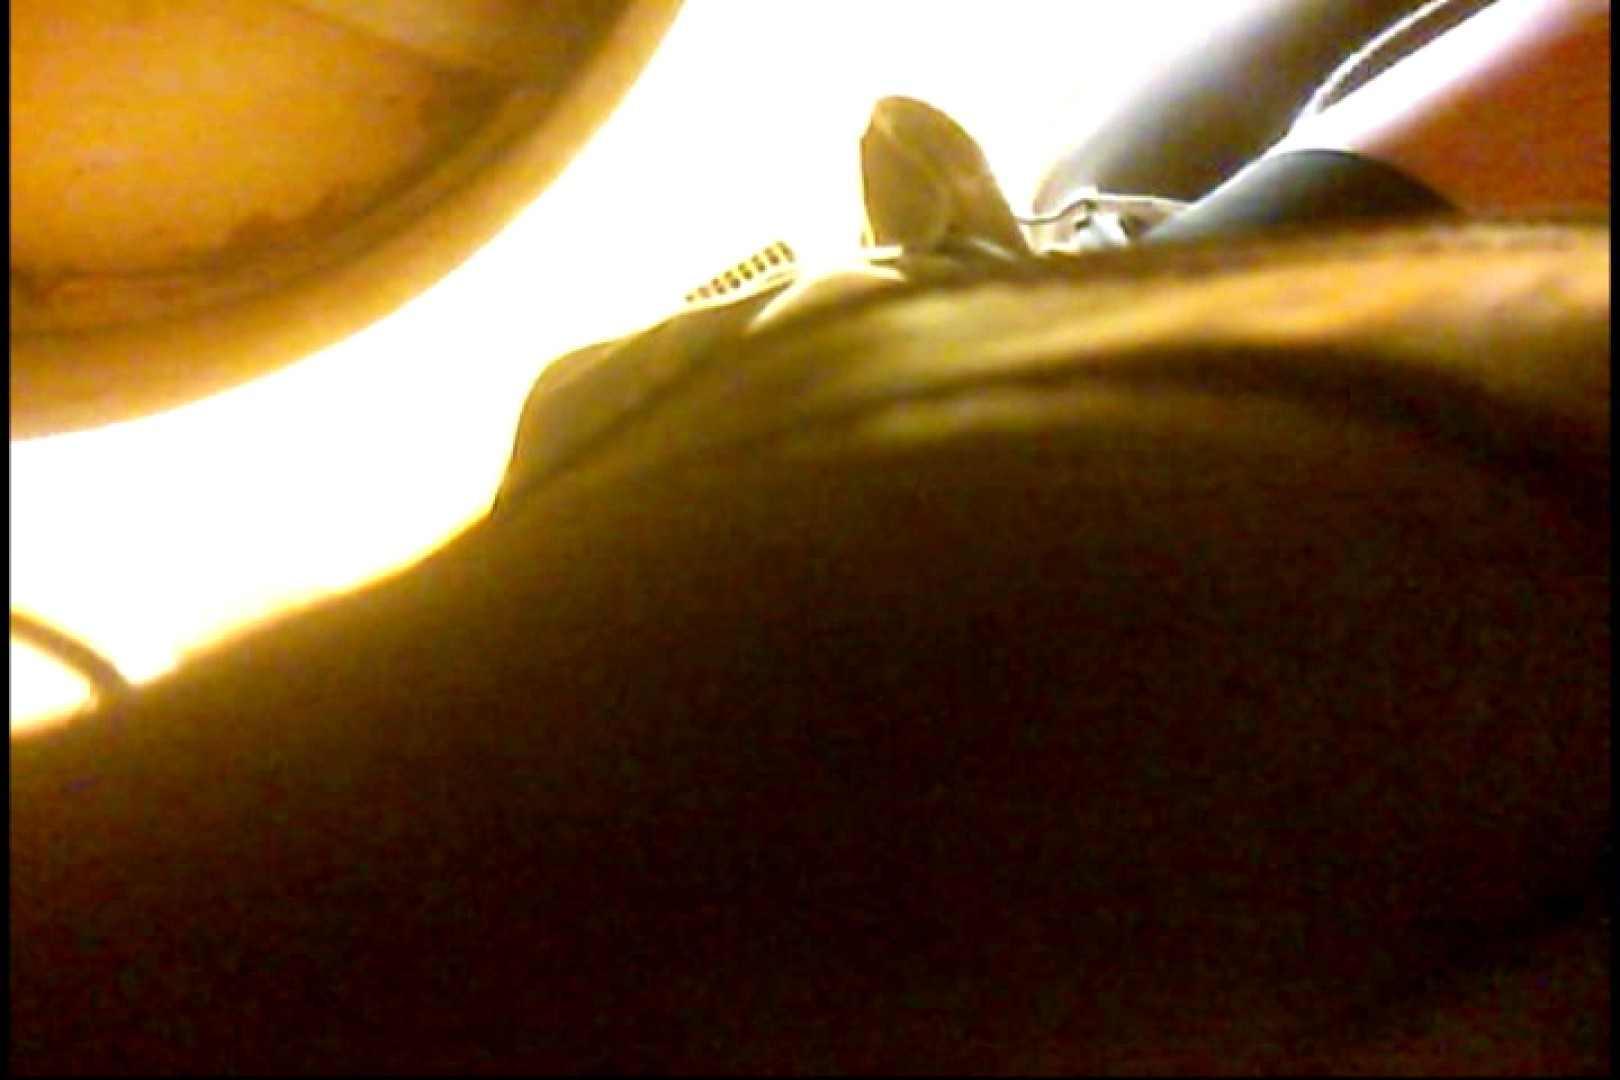 マダムが集まるデパートお手洗い Vol.04 お手洗い AV動画キャプチャ 90pic 49